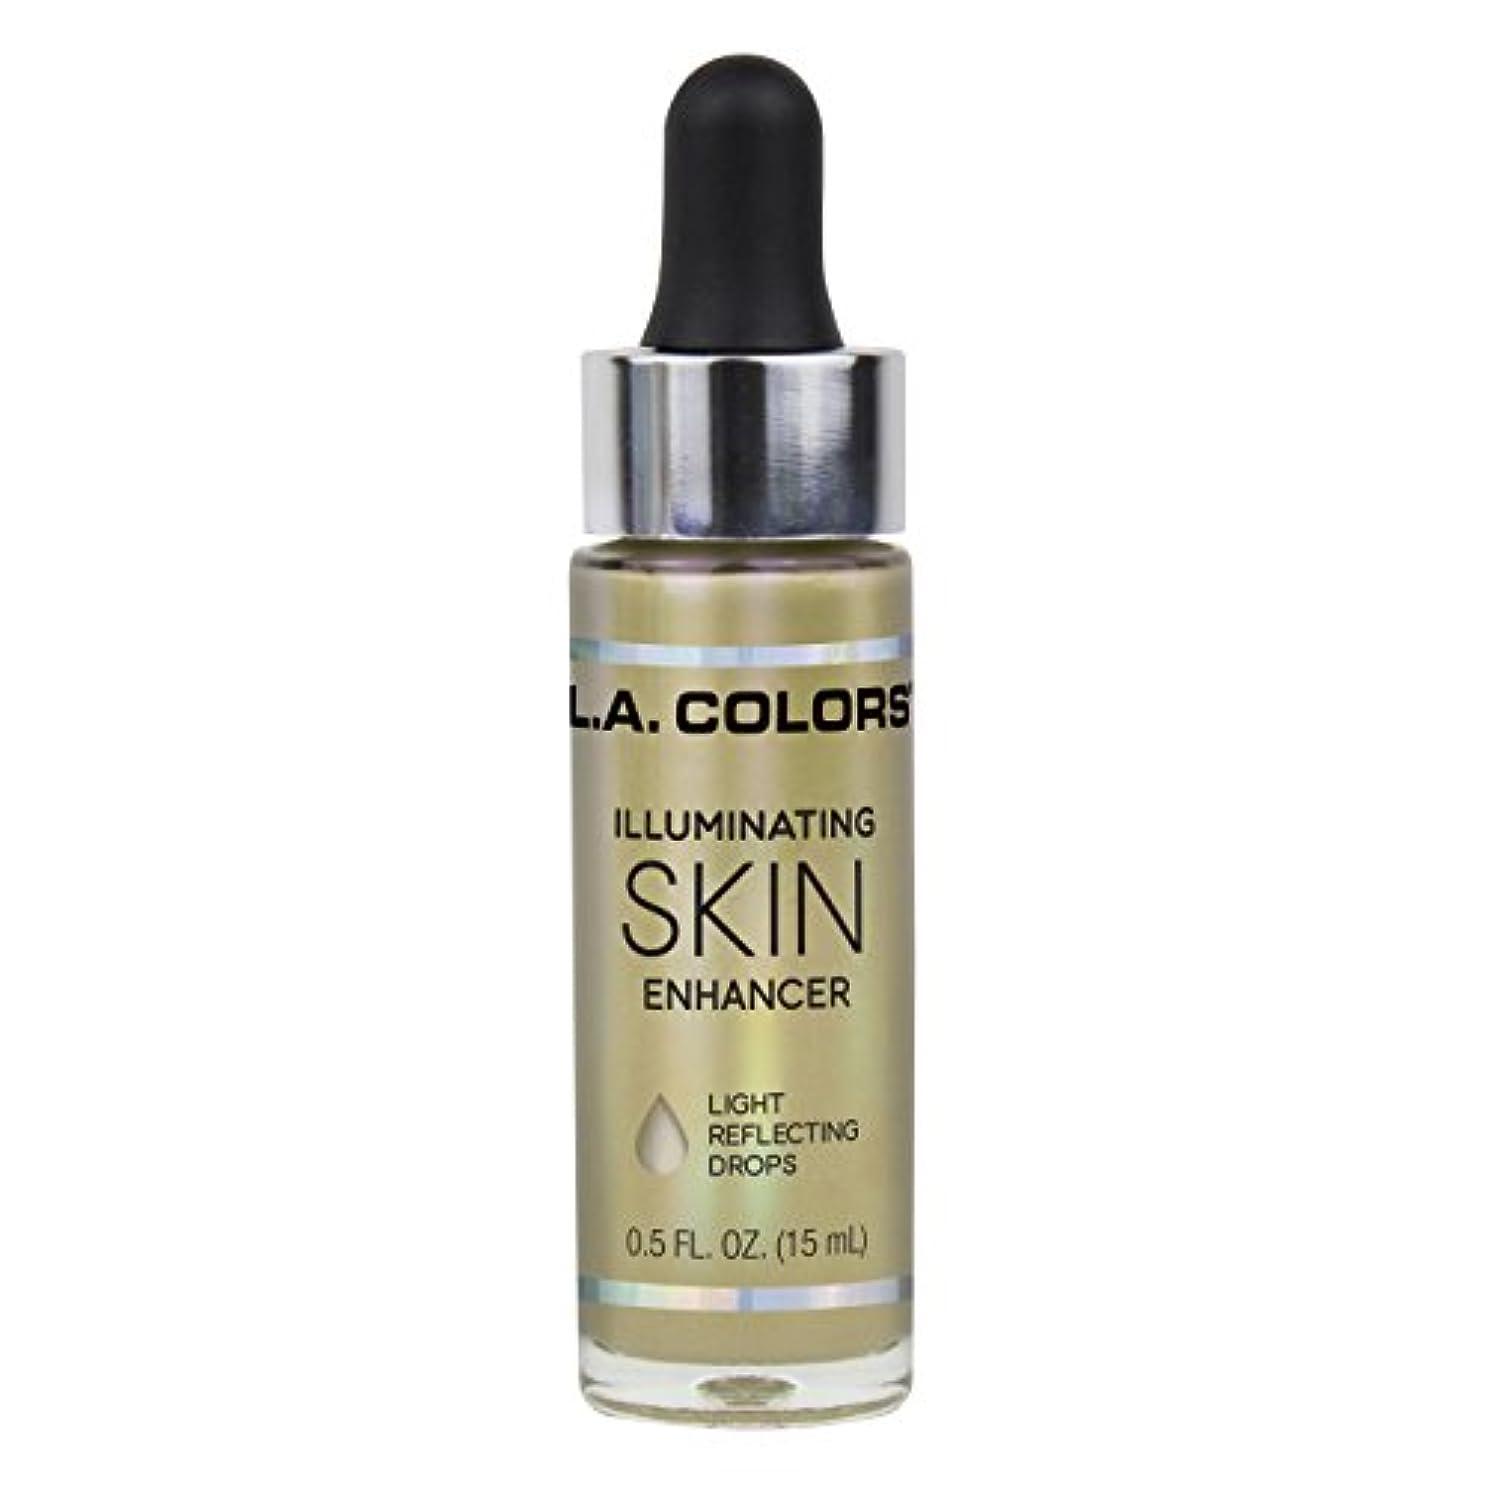 L.A. COLORS Illuminating Skin Enhancer - Liquid Gold (並行輸入品)